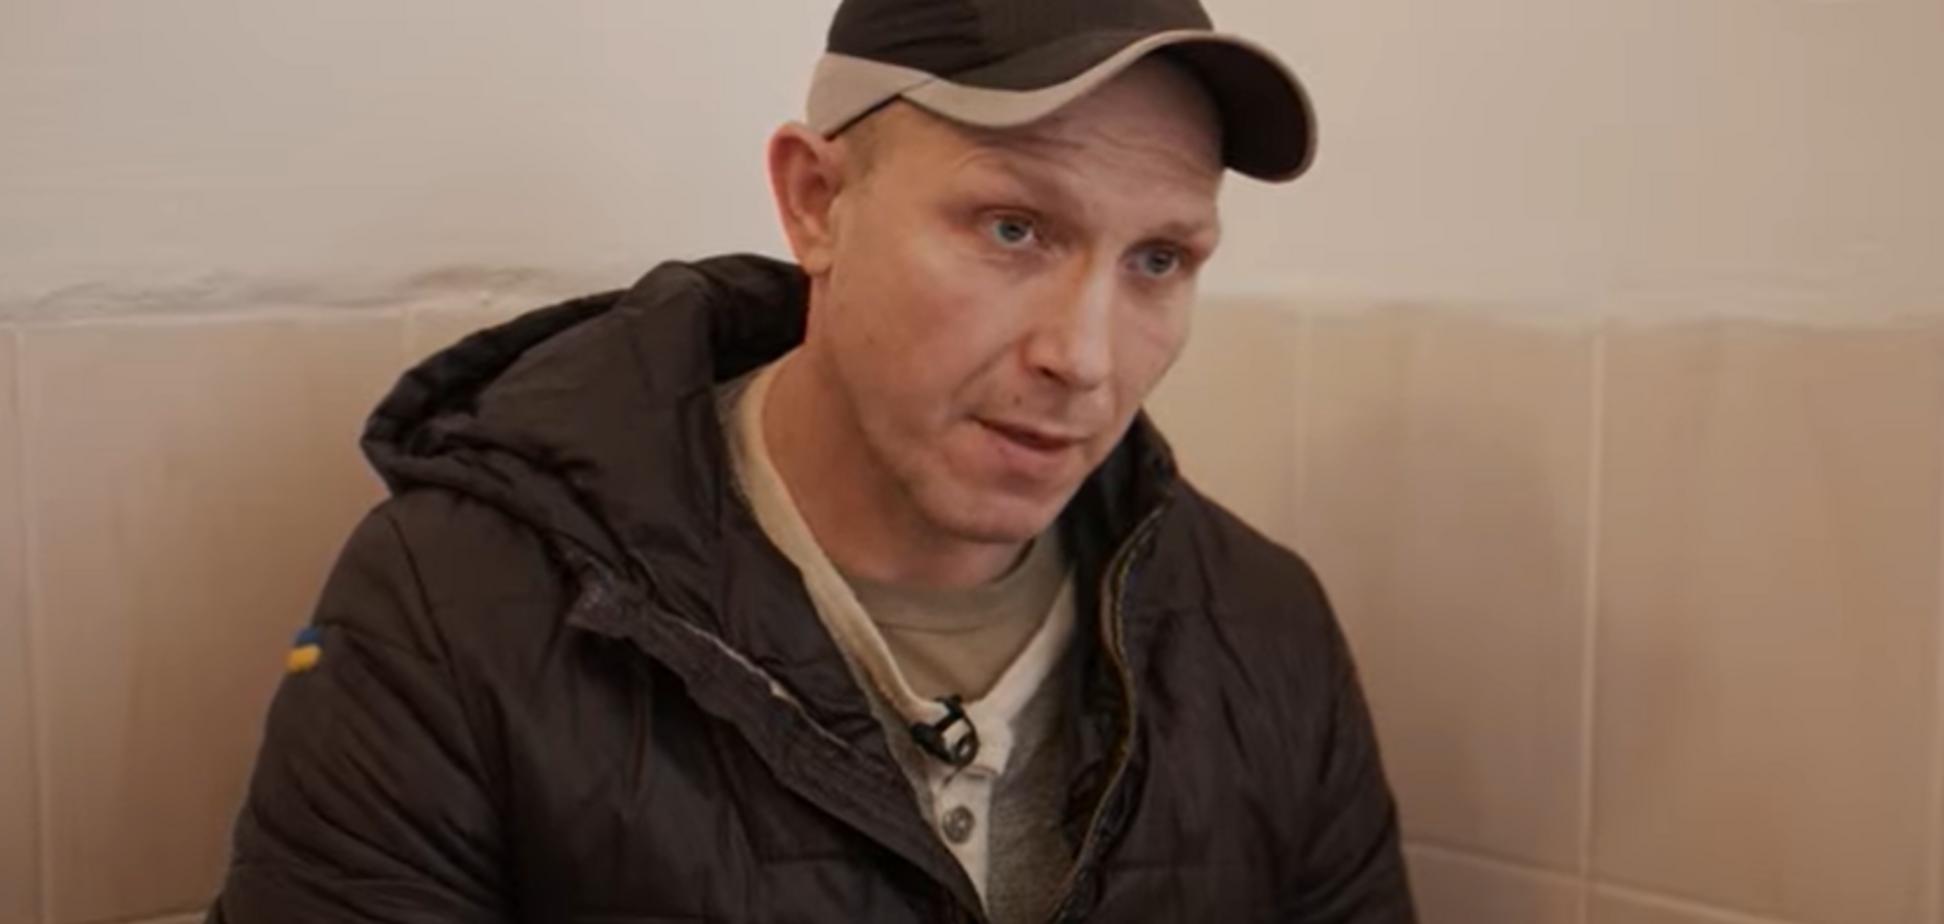 'Було своє коло': 'смотрящий' зони Іванісова розповів про спілкування у тюрмі